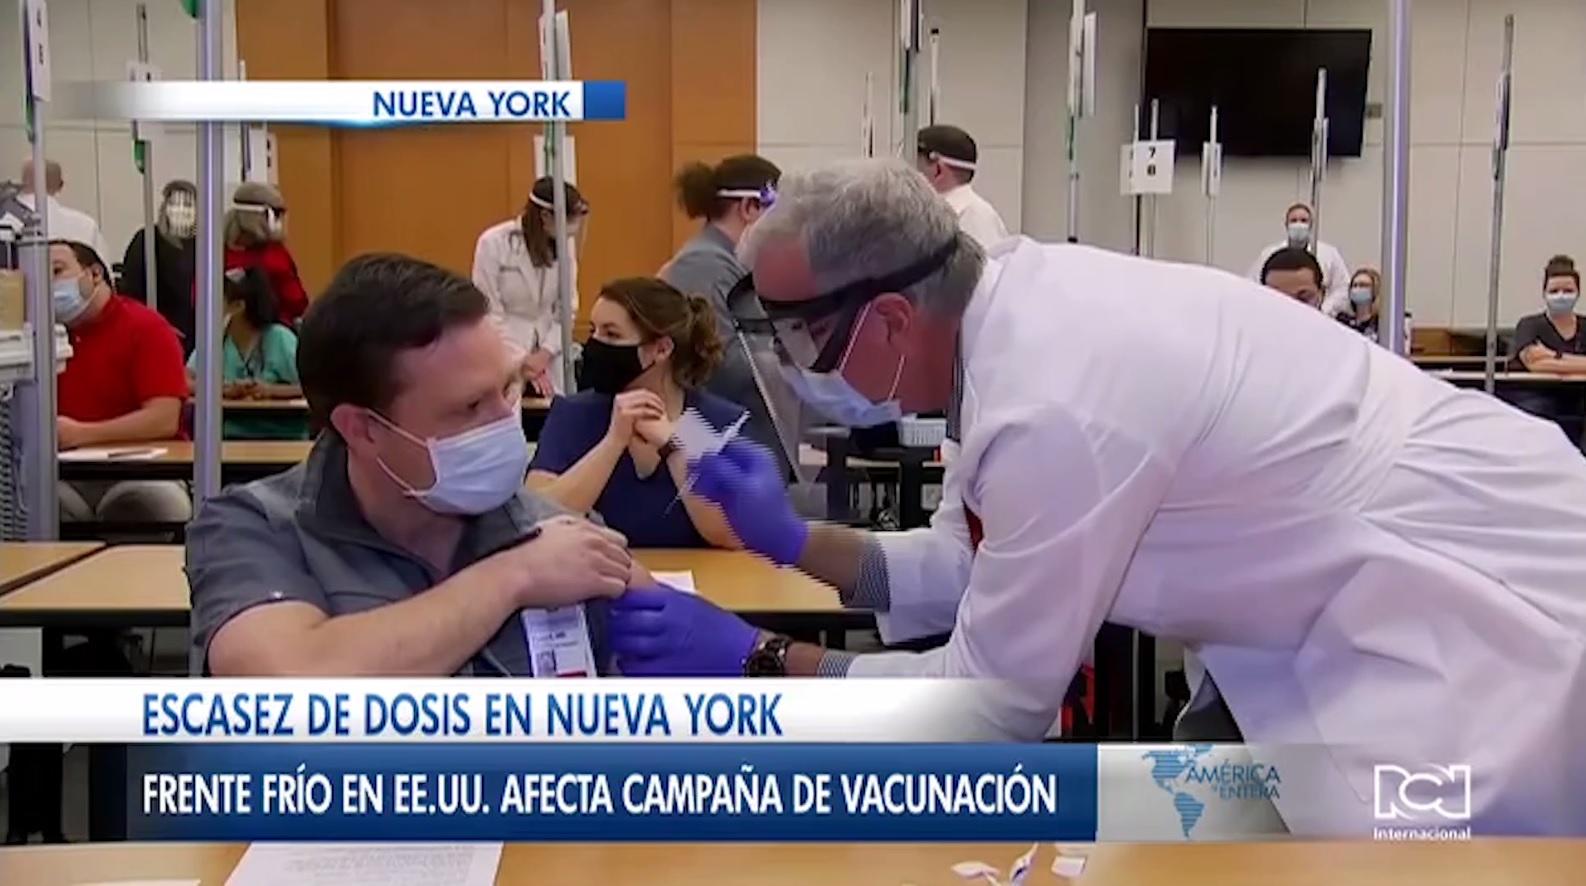 Ola invernal retrasa la llegada de las vacunas contra el Covid-19 a Nueva York